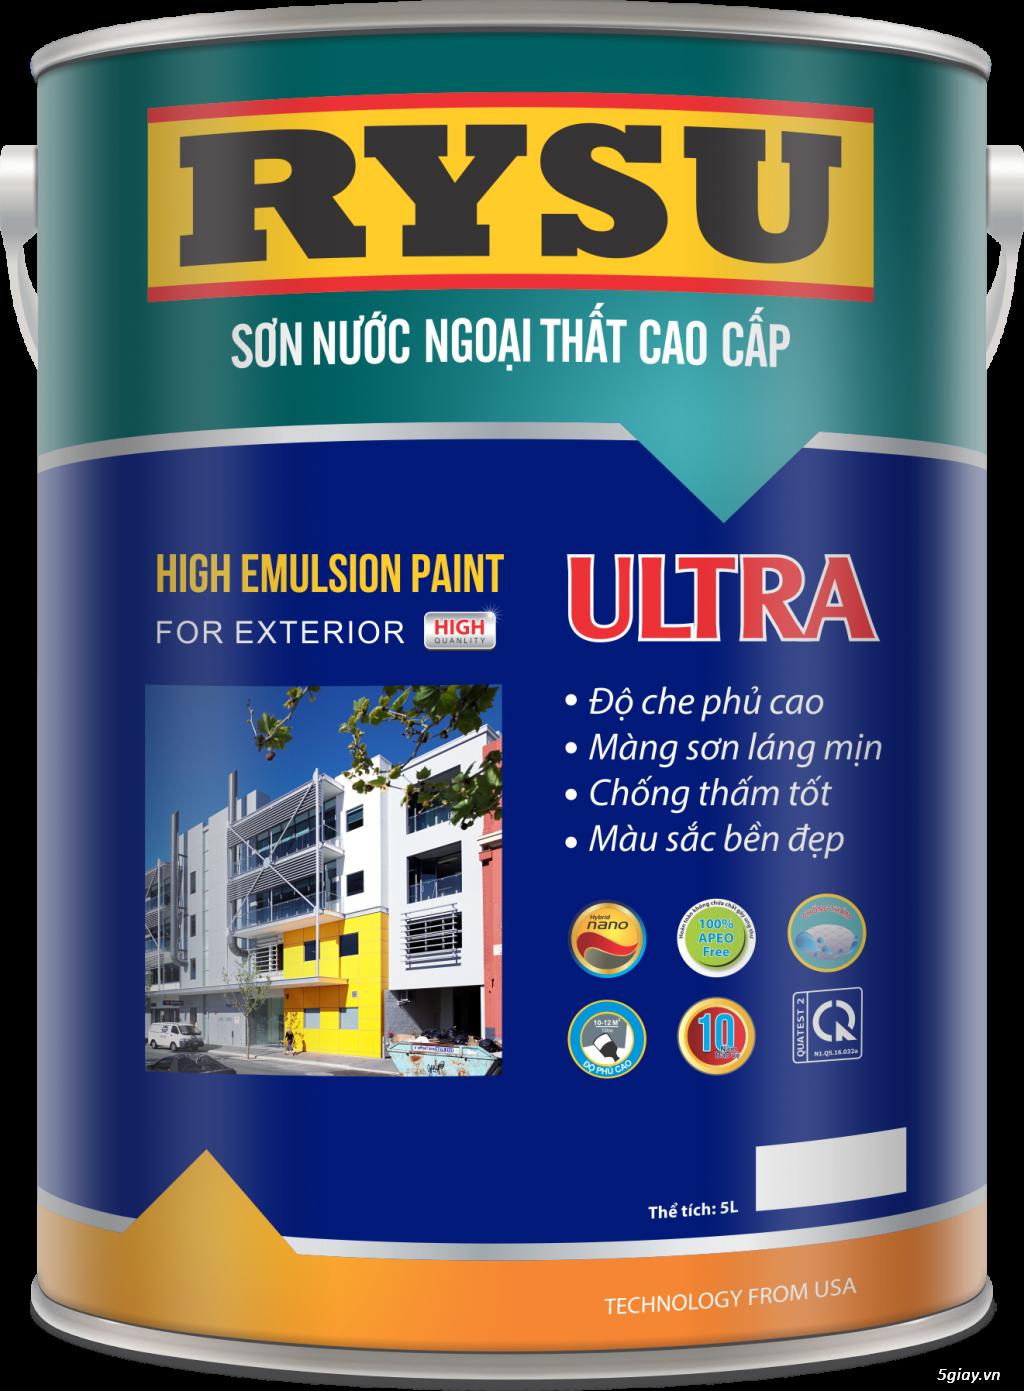 sơn RYSU có tốt không, chiết khấu hấp dẫn cuối năm - 14